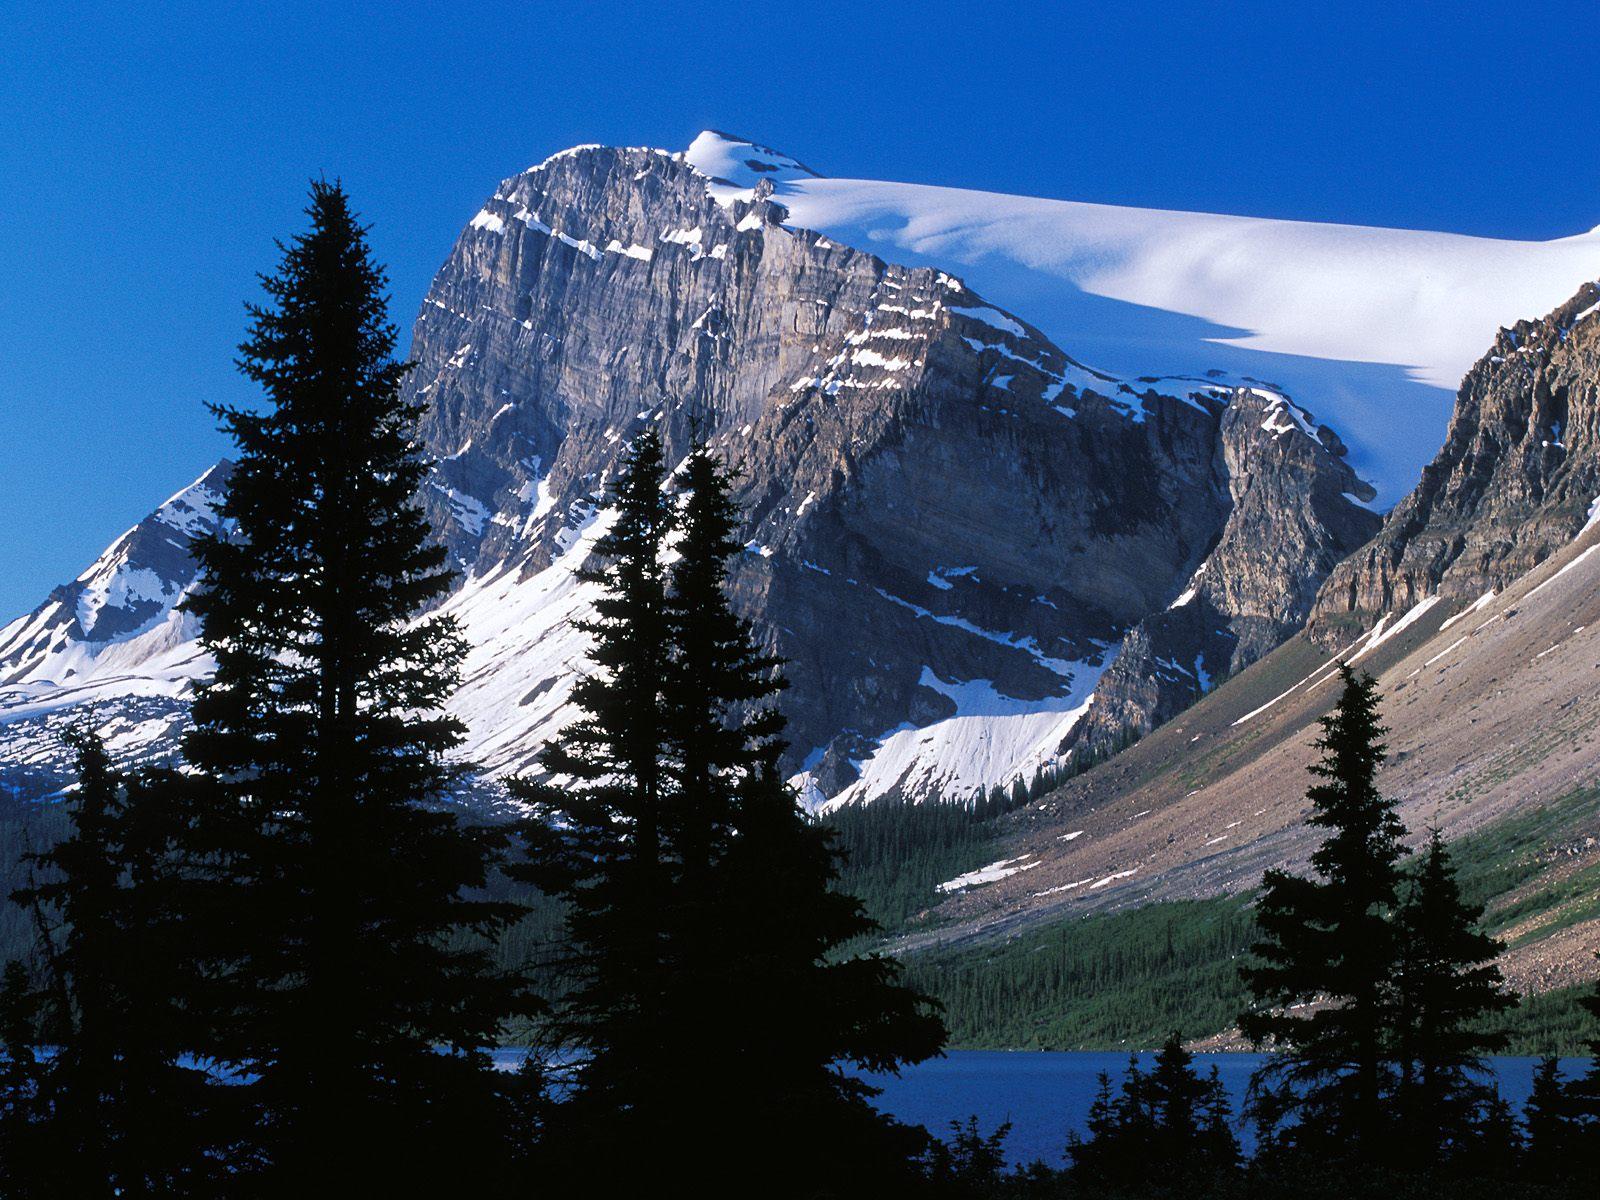 Peak Banff National Park Alberta Canada Wallpaper   HQ Wallpapers 1600x1200